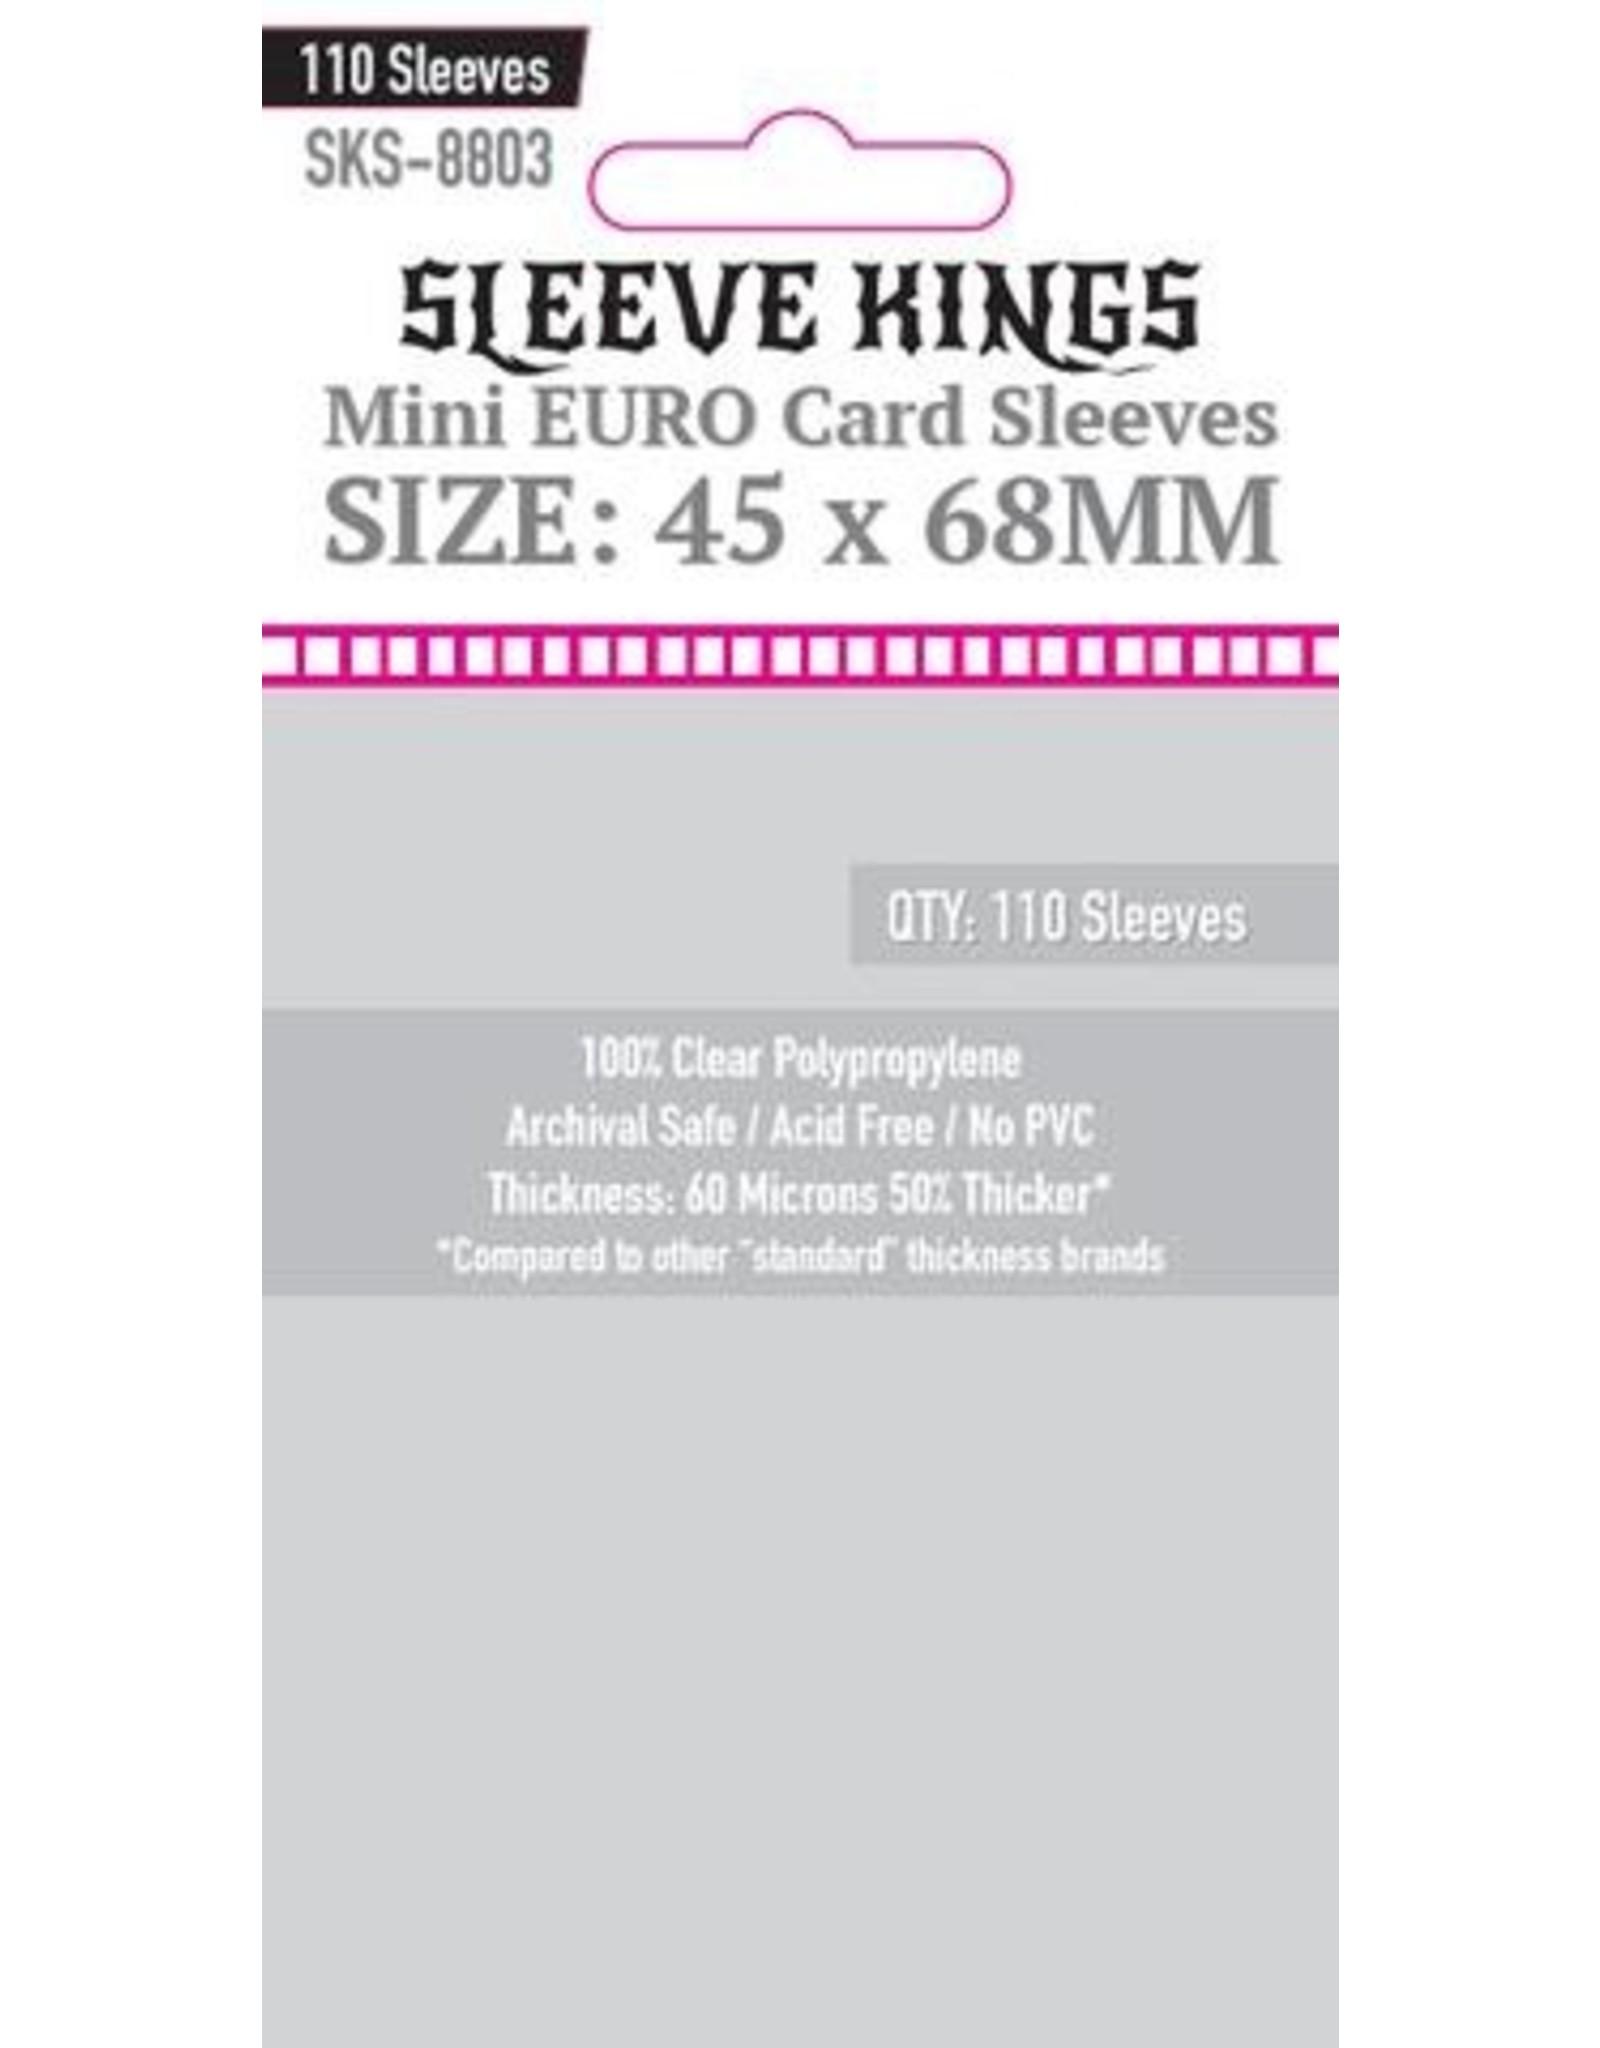 Sleeve Kings Sleeve Kings Mini Euro Card Sleeves (45x68mm) - 110 Pack